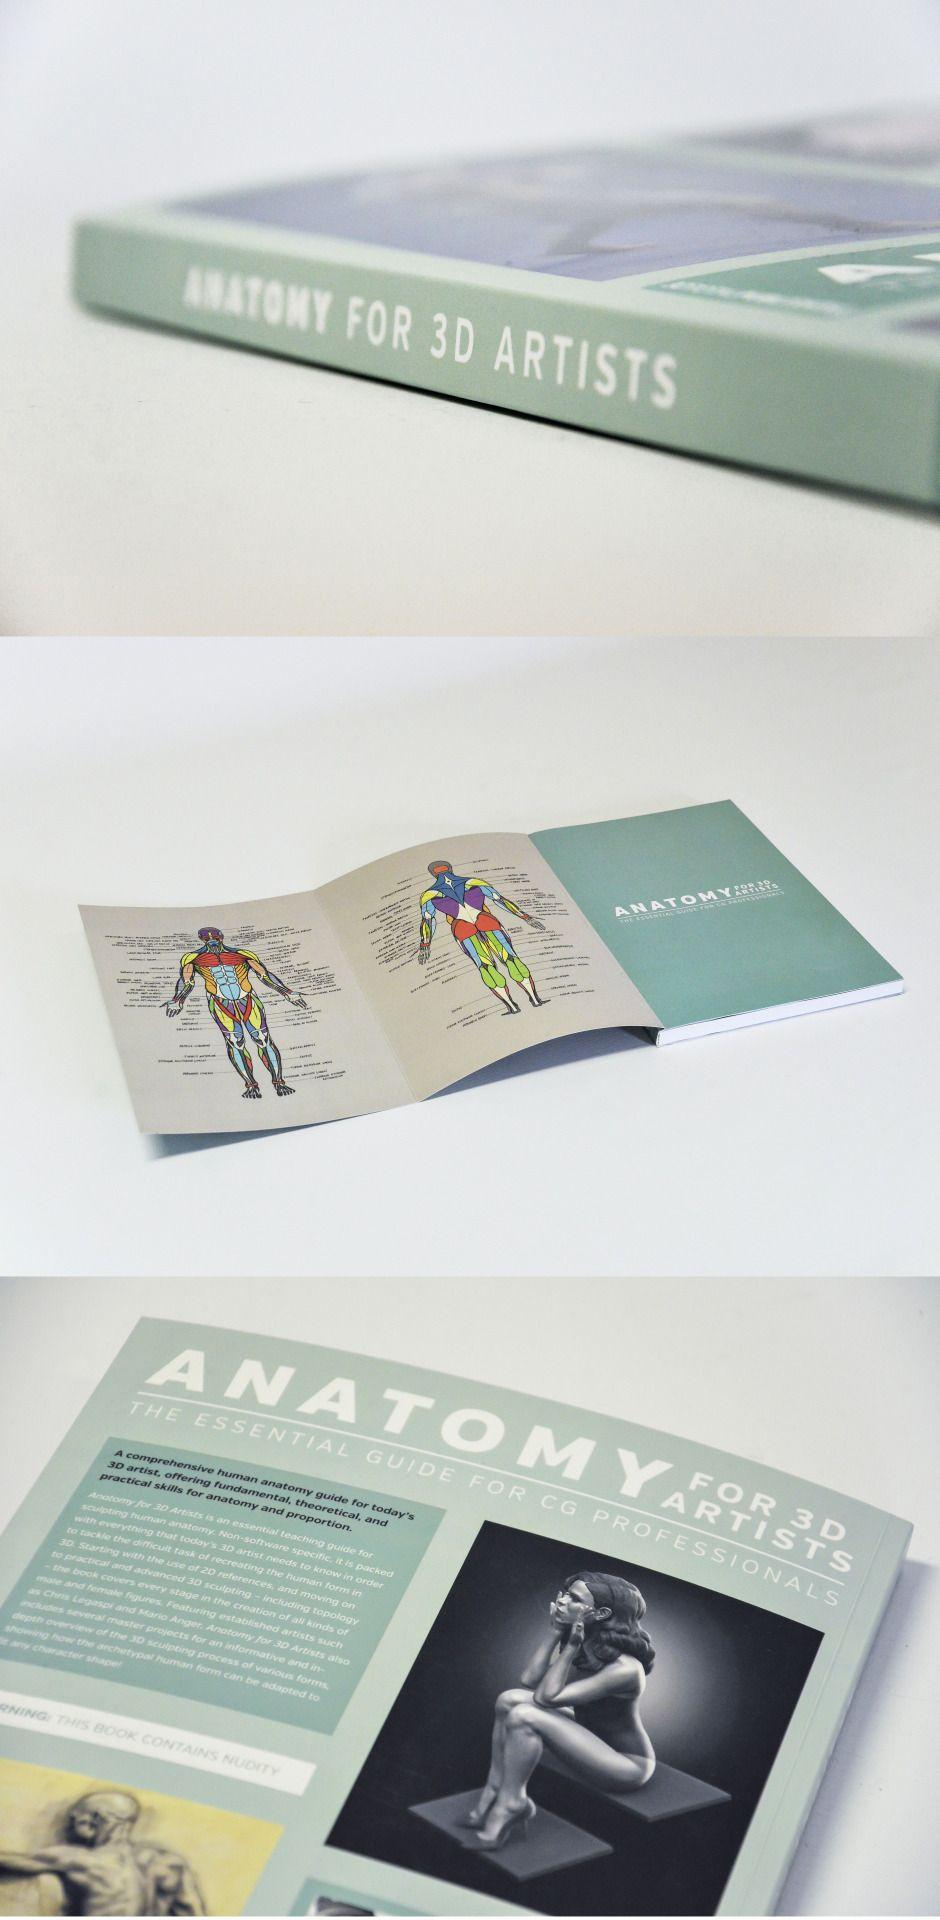 Anatomy for 3d artists artist books 3d artist artist